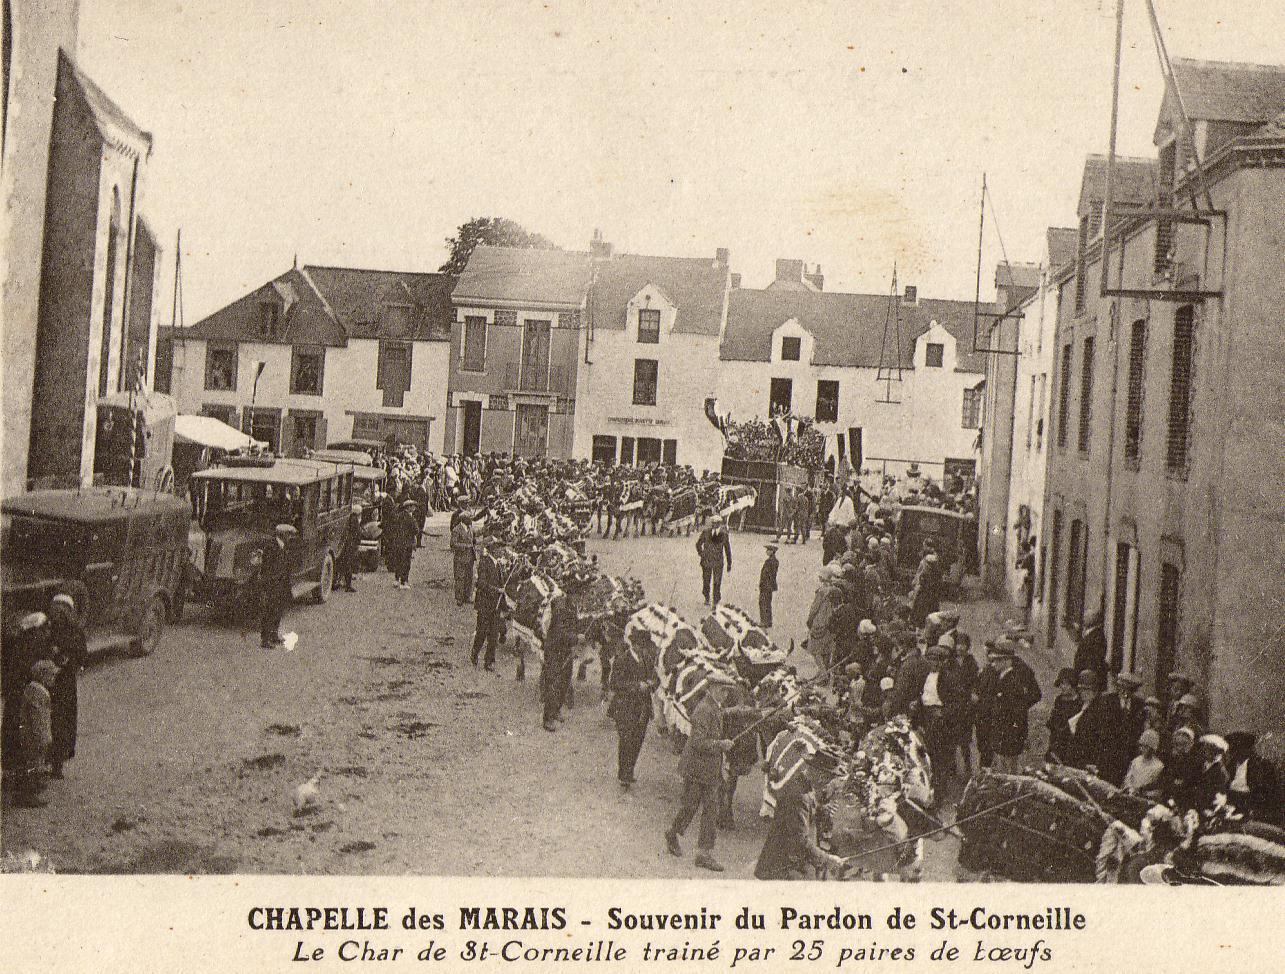 Pardon de Saint-Corneille à La-Chapelle-des-Marais en pays nantais.